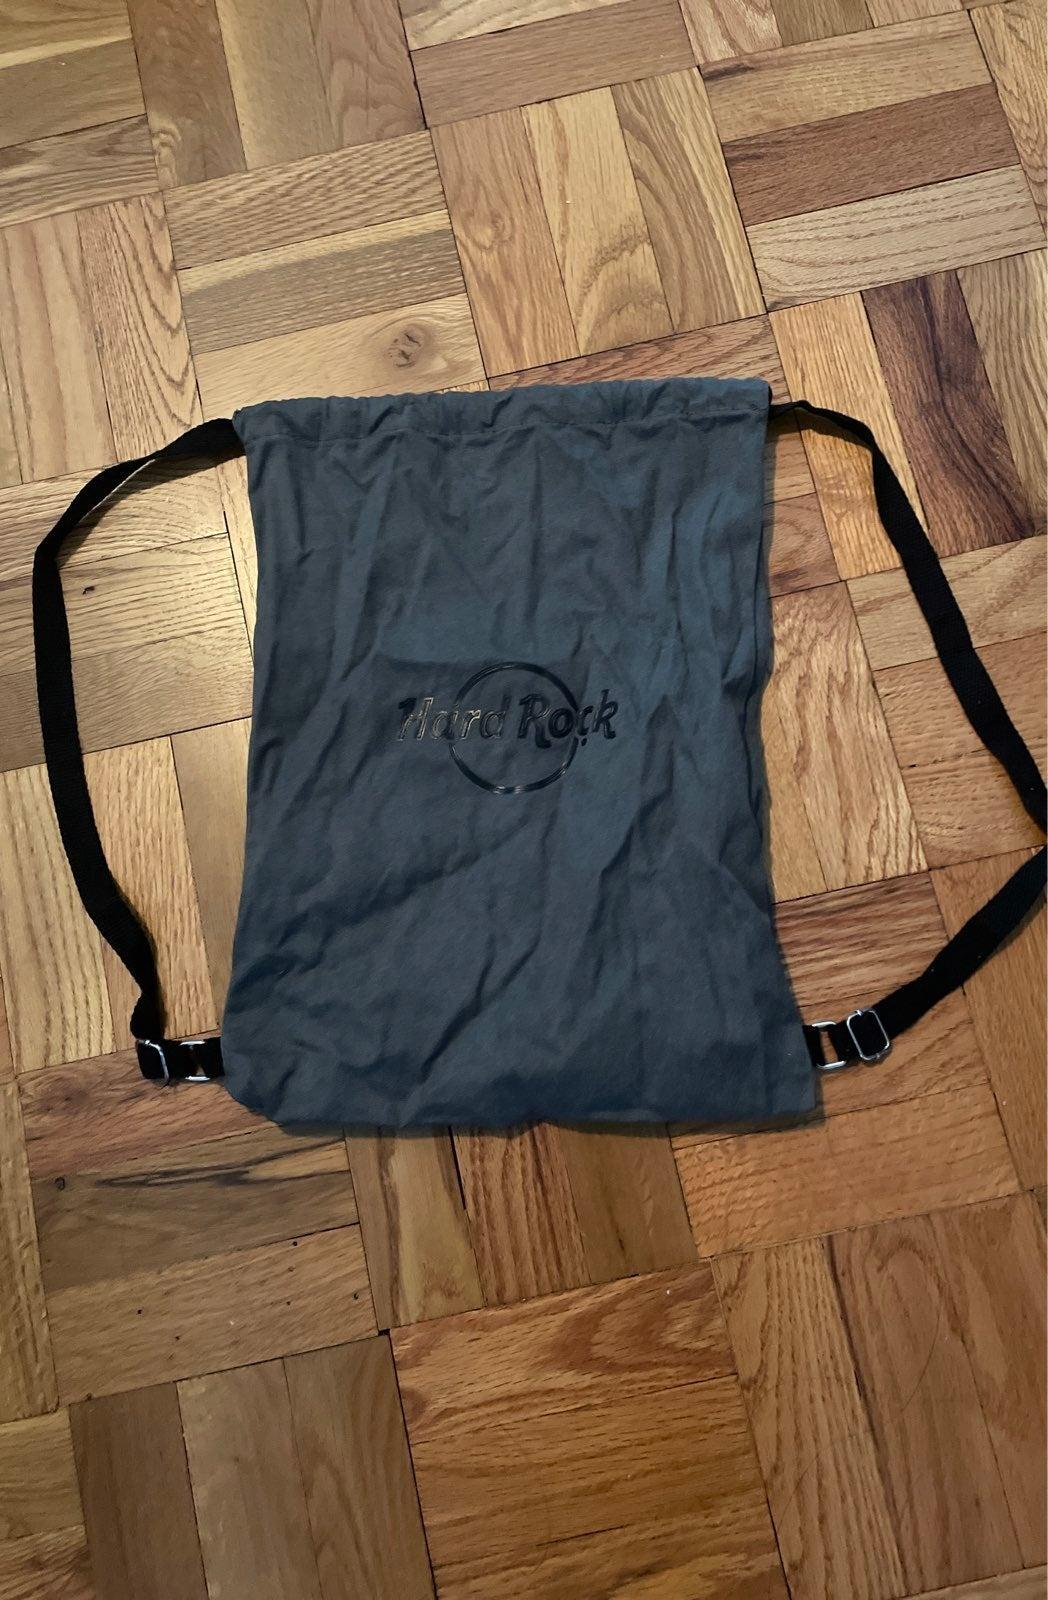 Hard rock drawstring bag